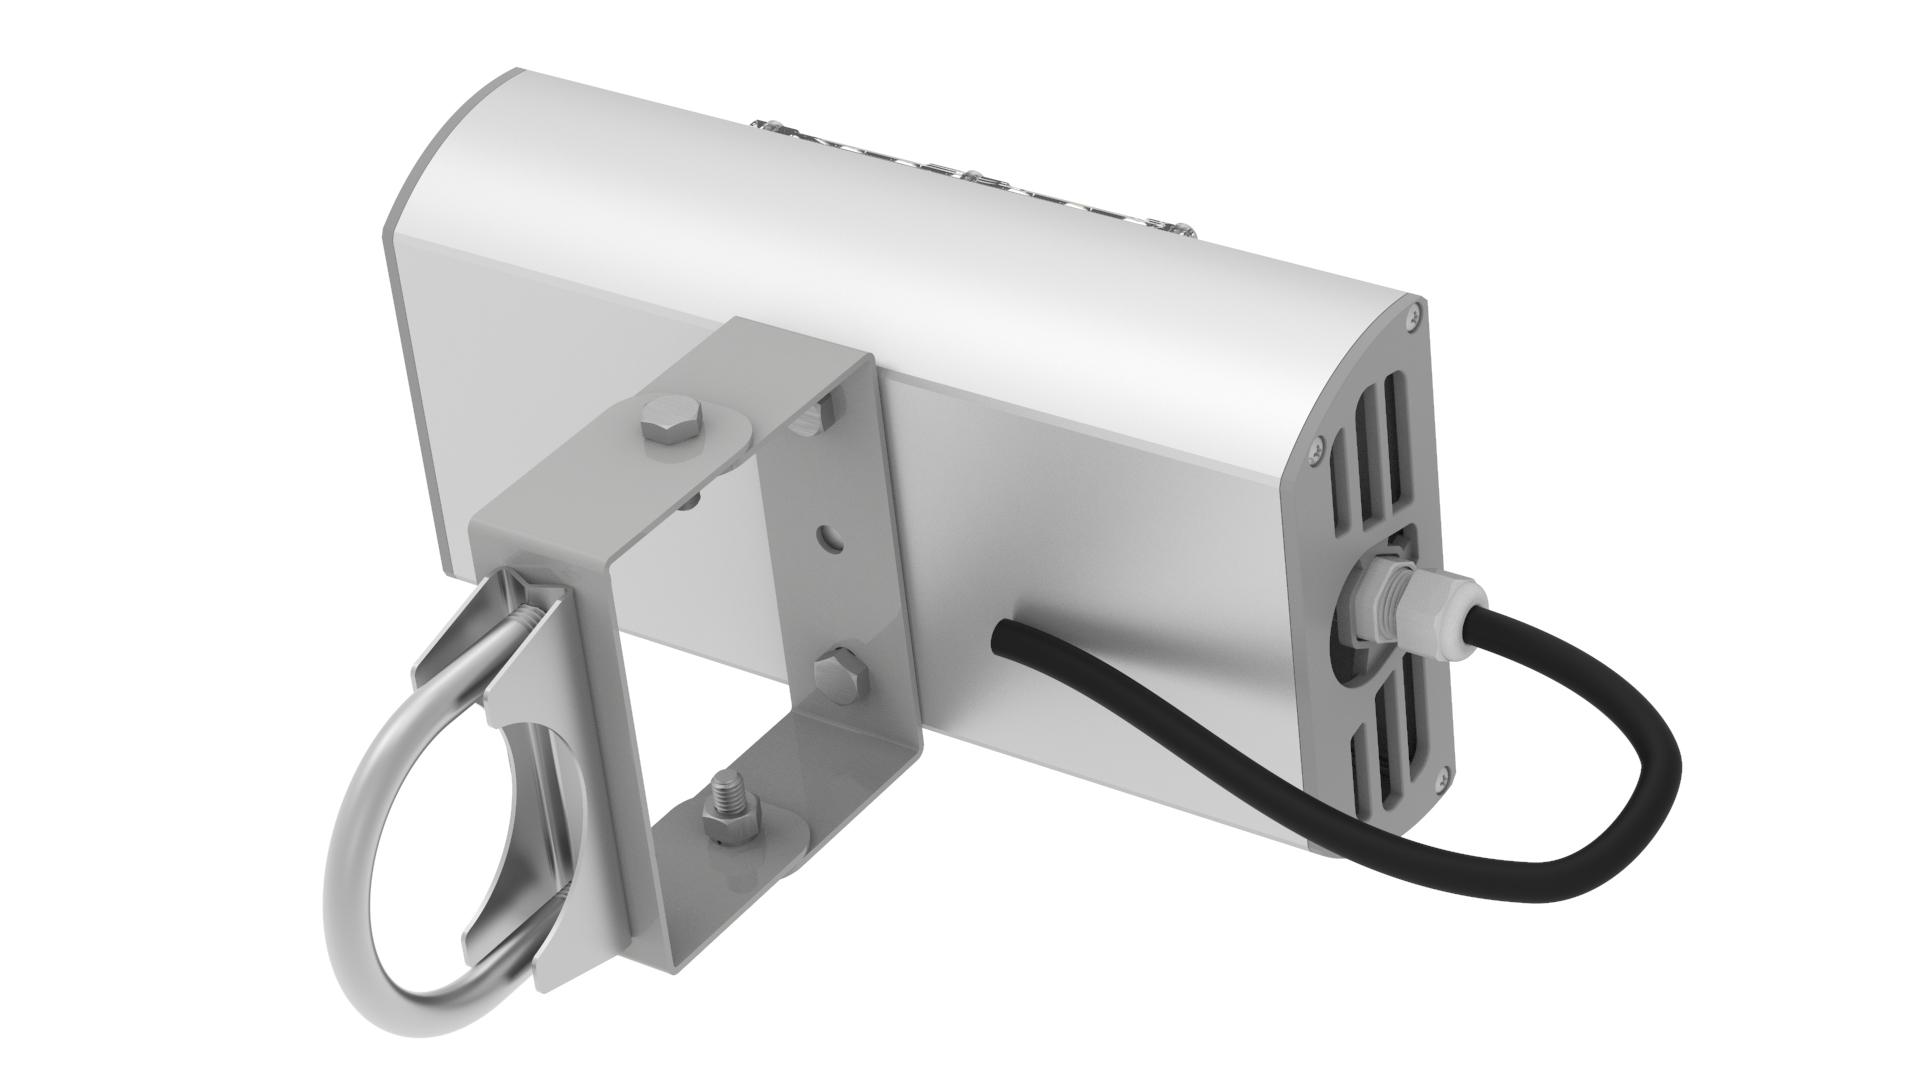 Промышленный светильник Кассета SVT-STR-BM-30Вт 45х140